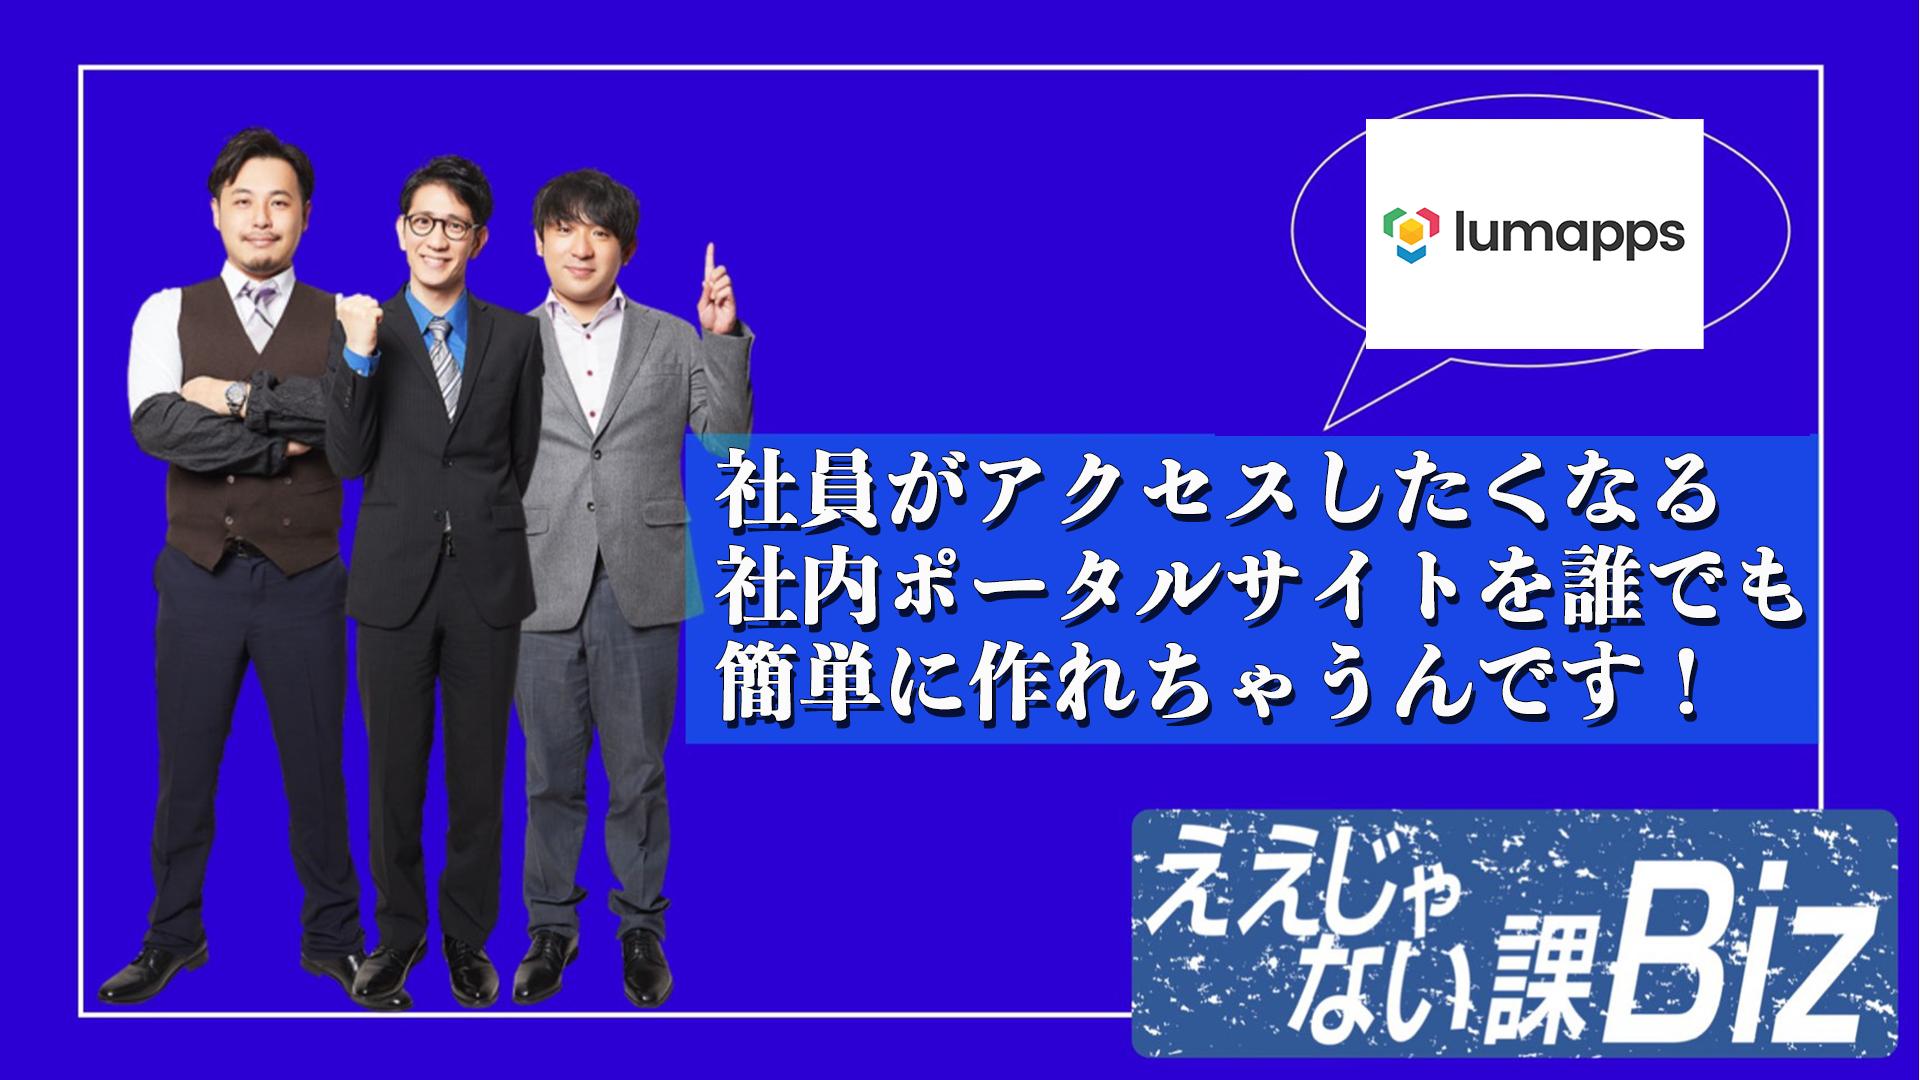 TV番組TokyoMX『ええじゃない課Biz』で放送されました